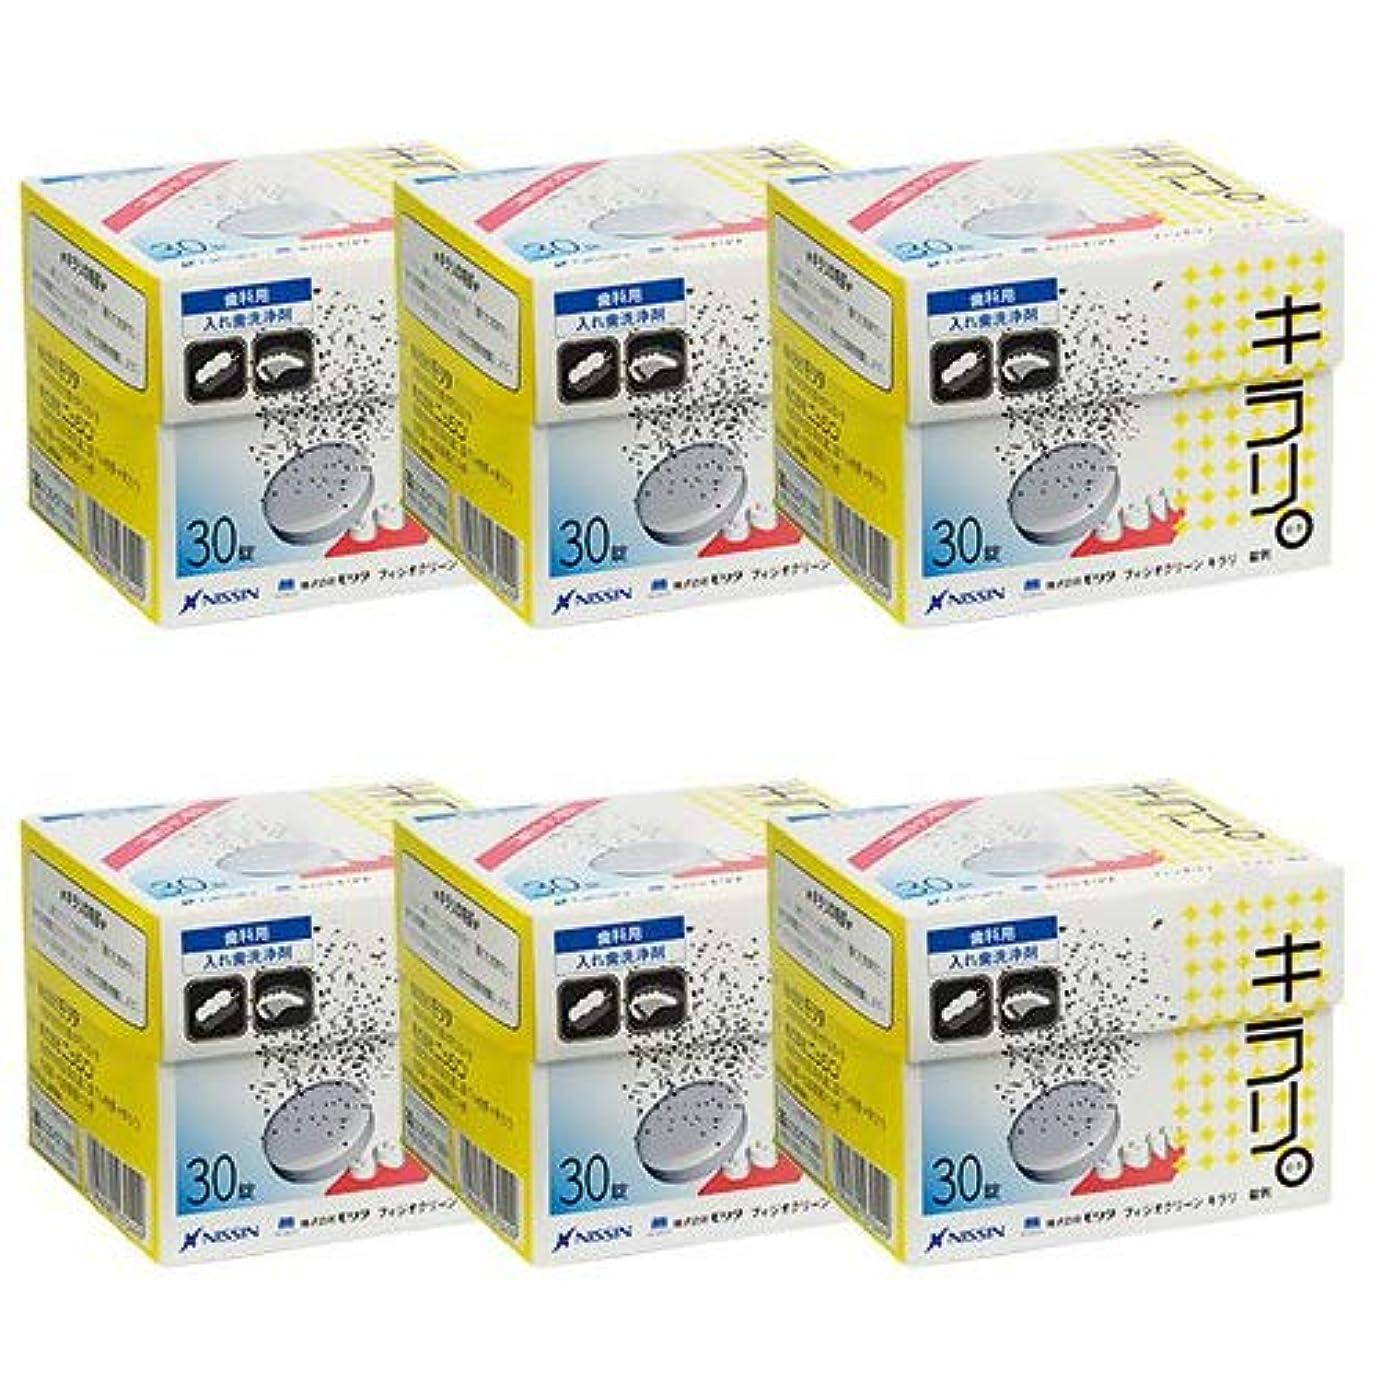 【ニッシン】【歯科用】フィジオクリーンキラリ錠剤 6箱【義歯洗浄剤】1箱につき30包入(3g×30g)